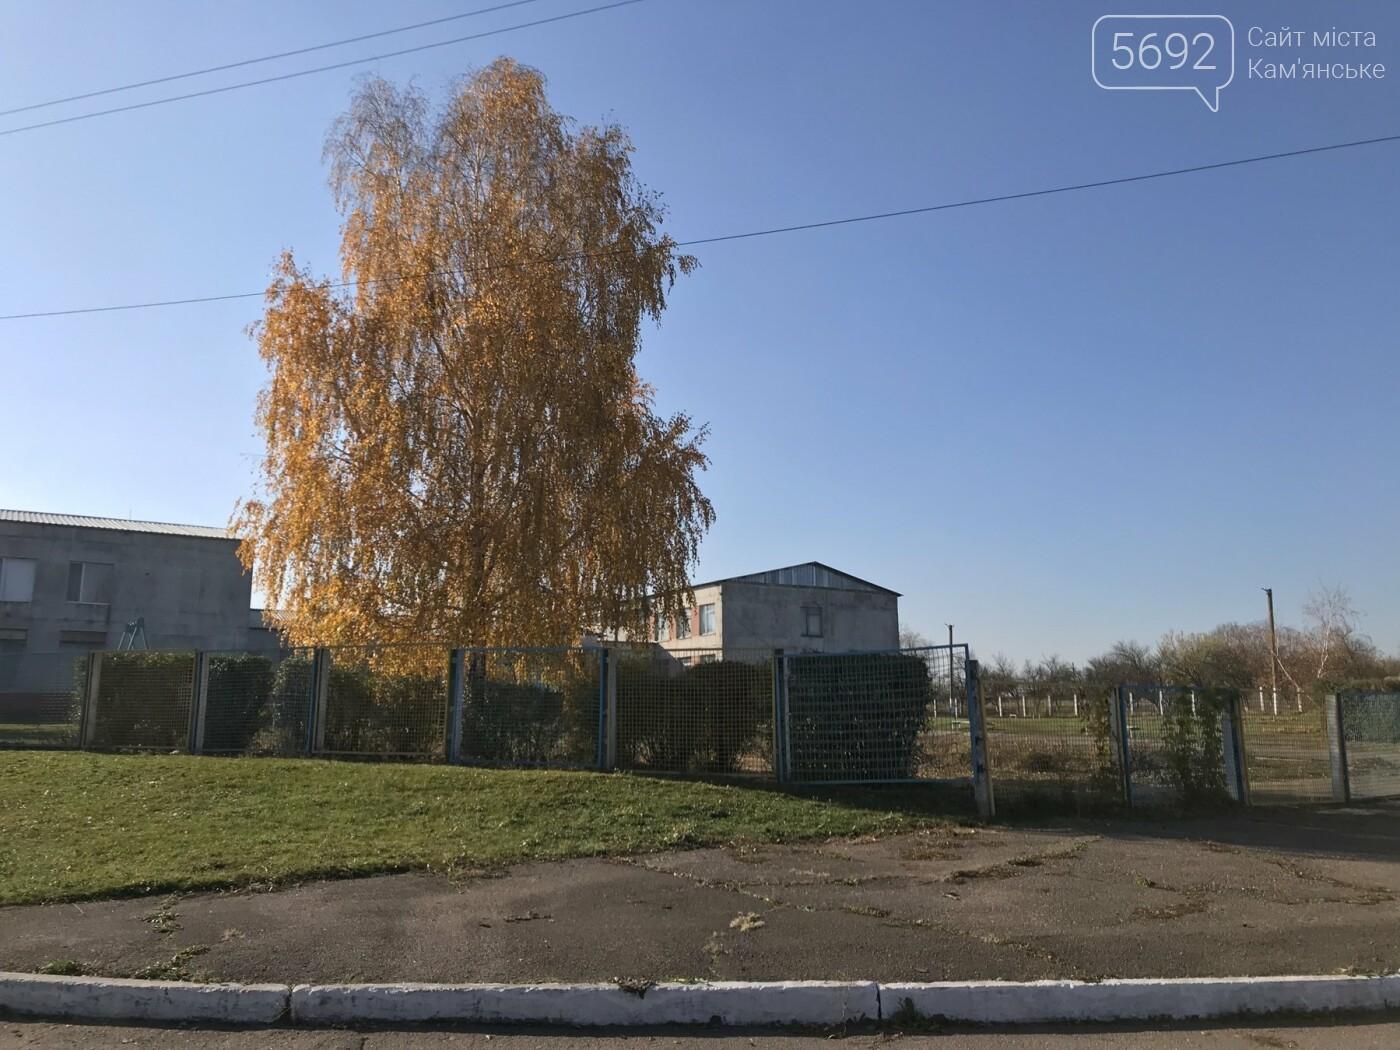 Что получит Каменское в случае присоединения: репортаж из Степового, фото-13